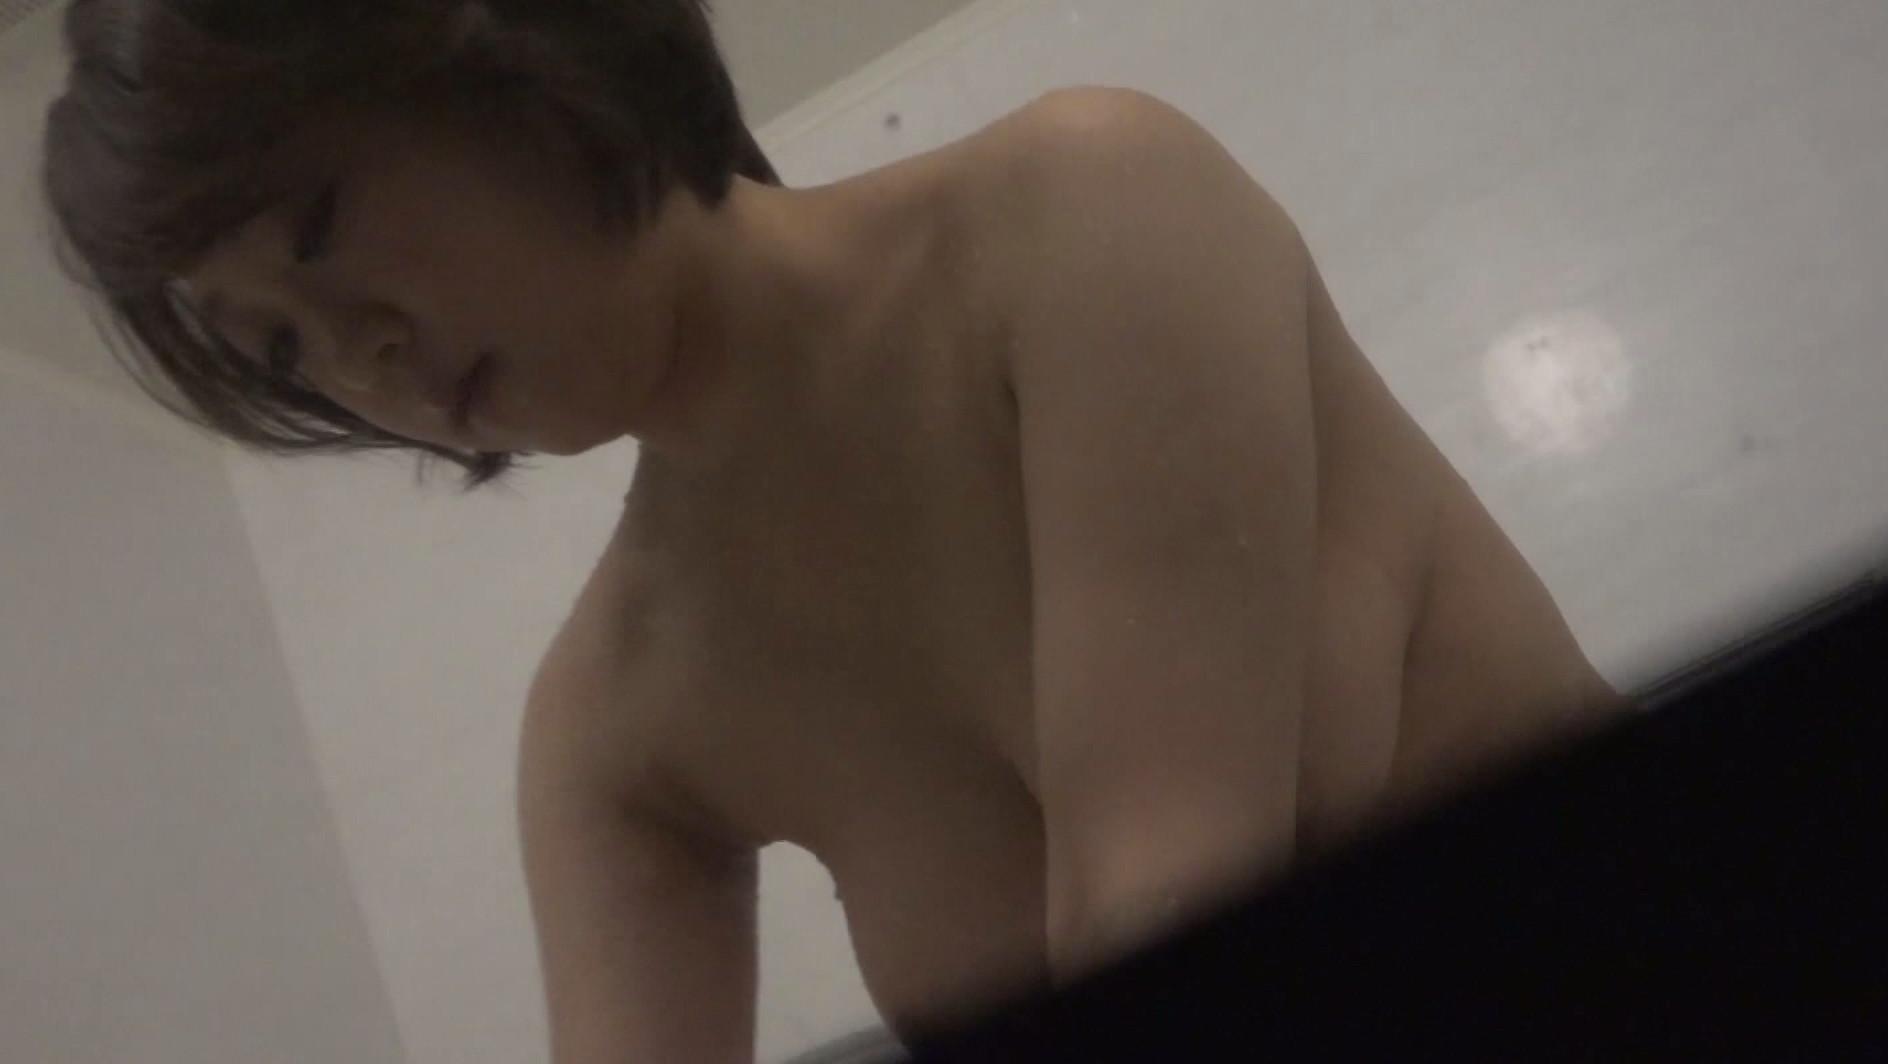 巨乳女性ばかり狙ったシャワー盗●映像~細身に不釣り合いなボインが揺れすぎてます 画像21